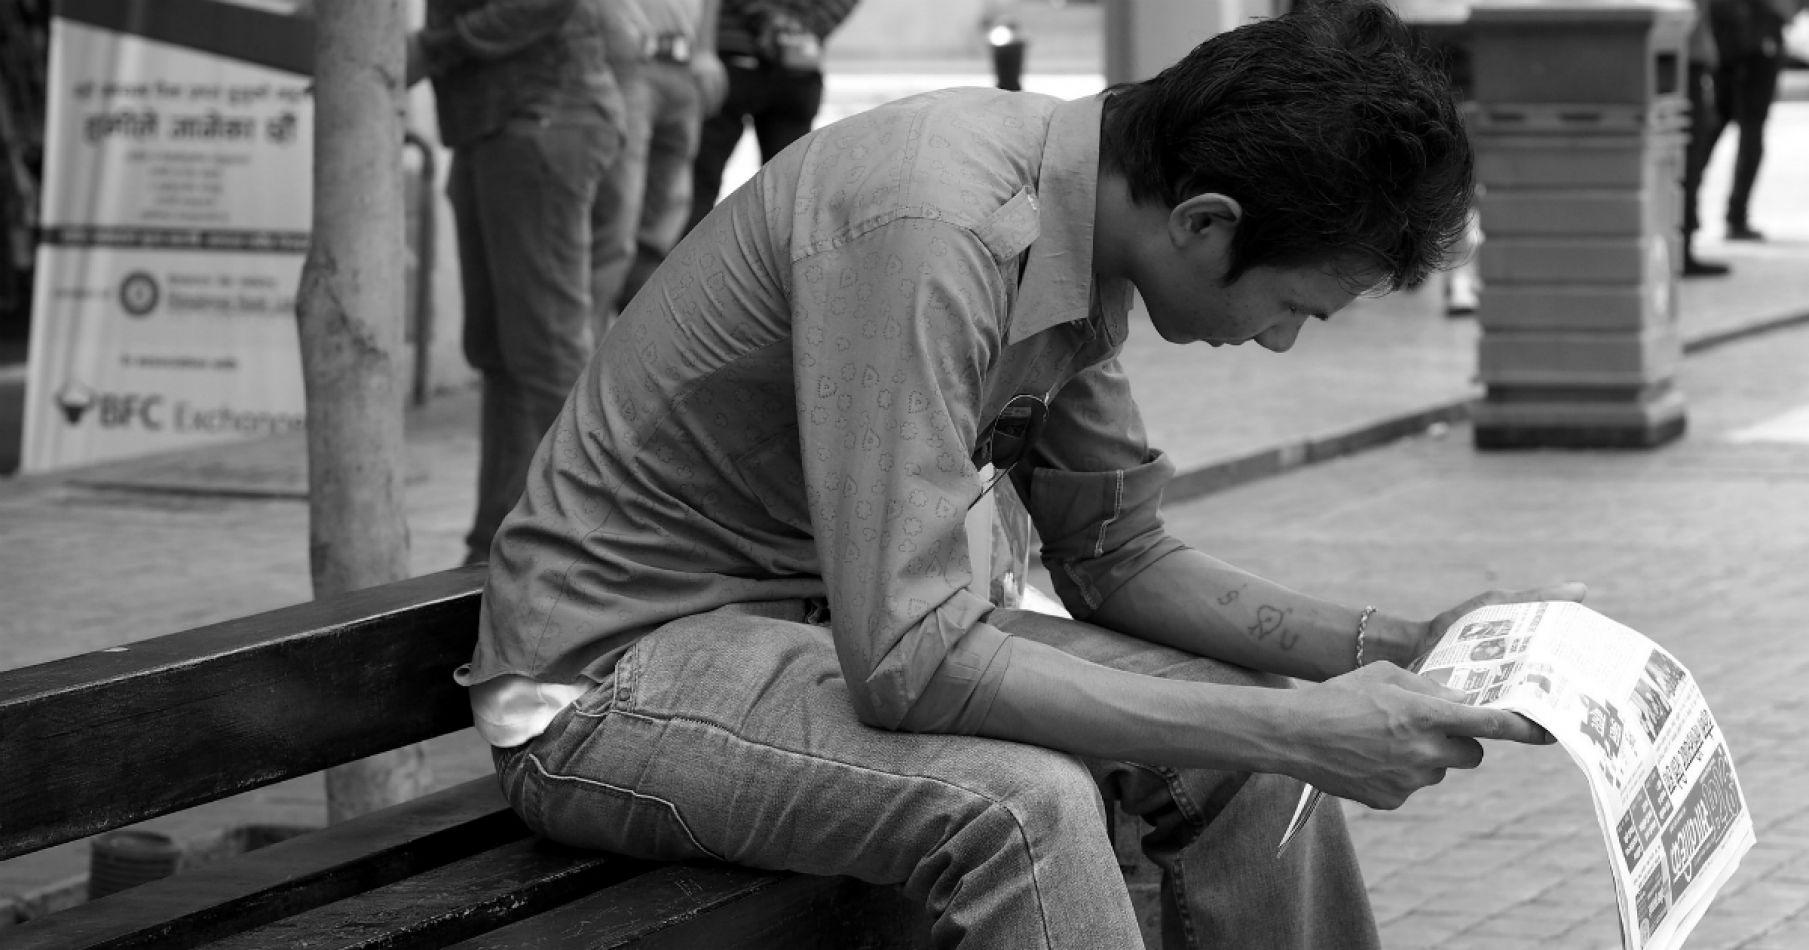 Brutal crecimiento de la desocupación en Jujuy, trepó al 11,4% por encima de la media nacional y del NOA